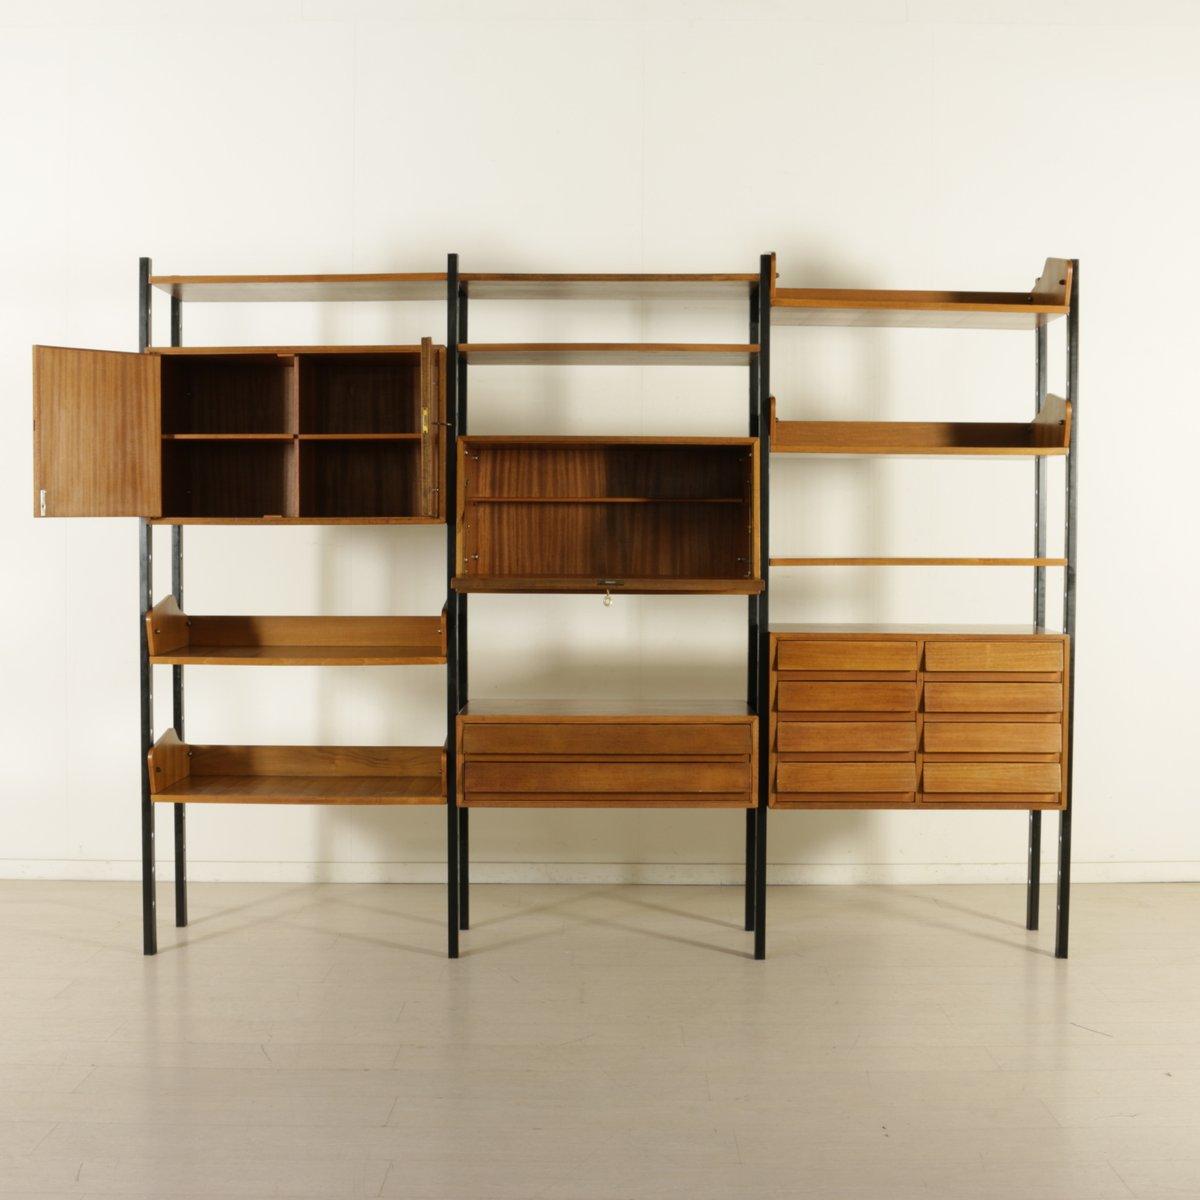 vintage b cherregal mit verstellbaren elementen aus metall und mahagoni furnier bei pamono kaufen. Black Bedroom Furniture Sets. Home Design Ideas